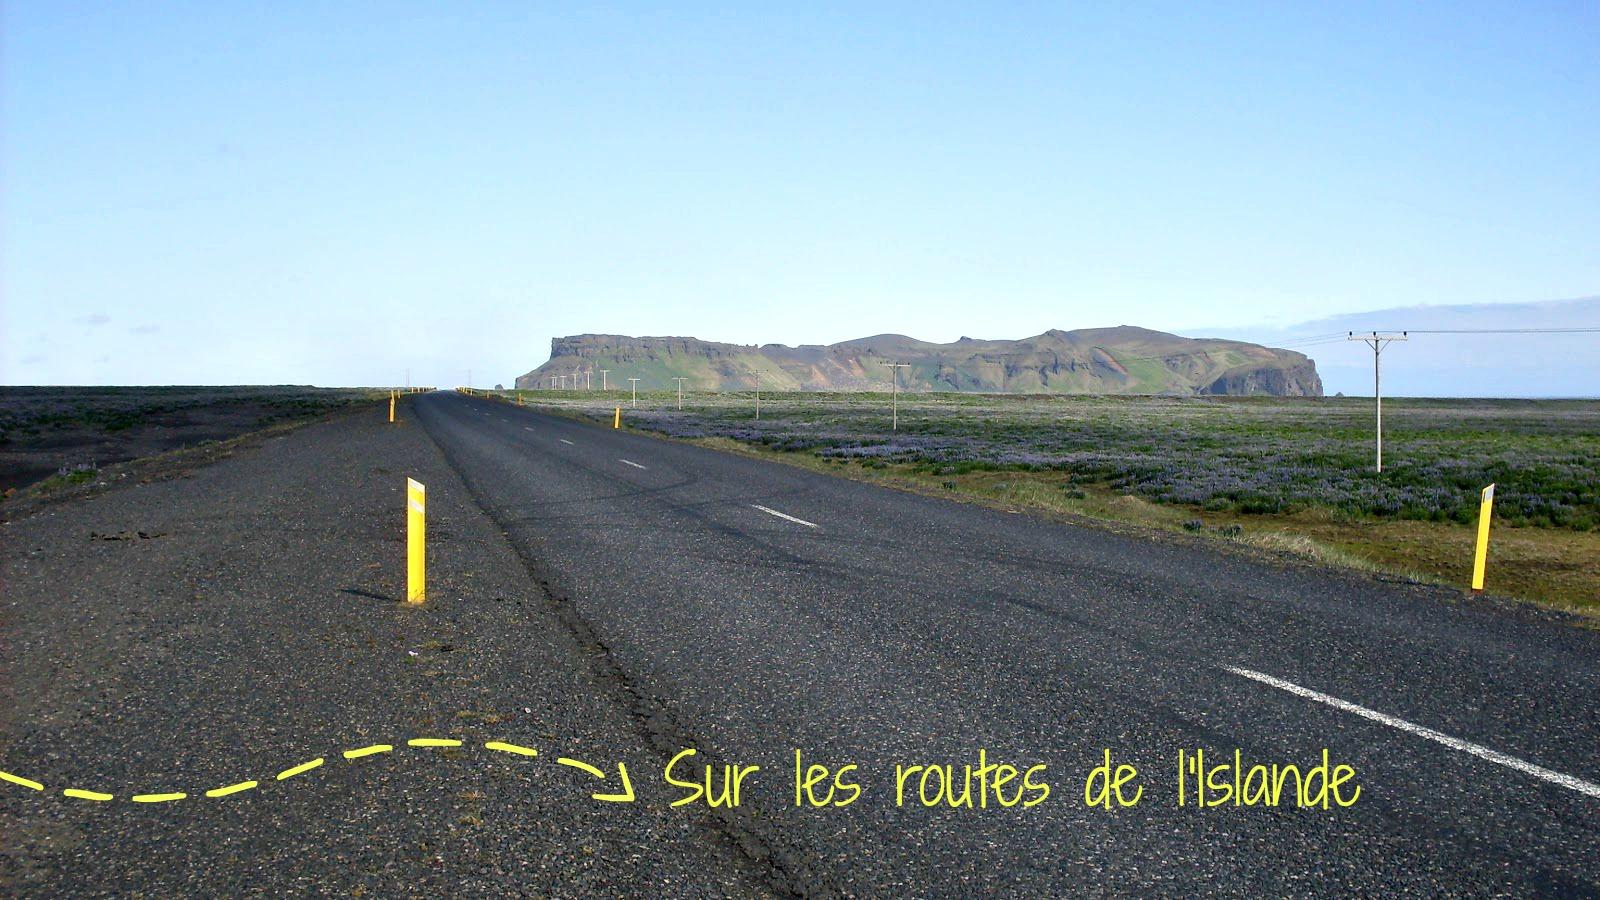 islande road trip